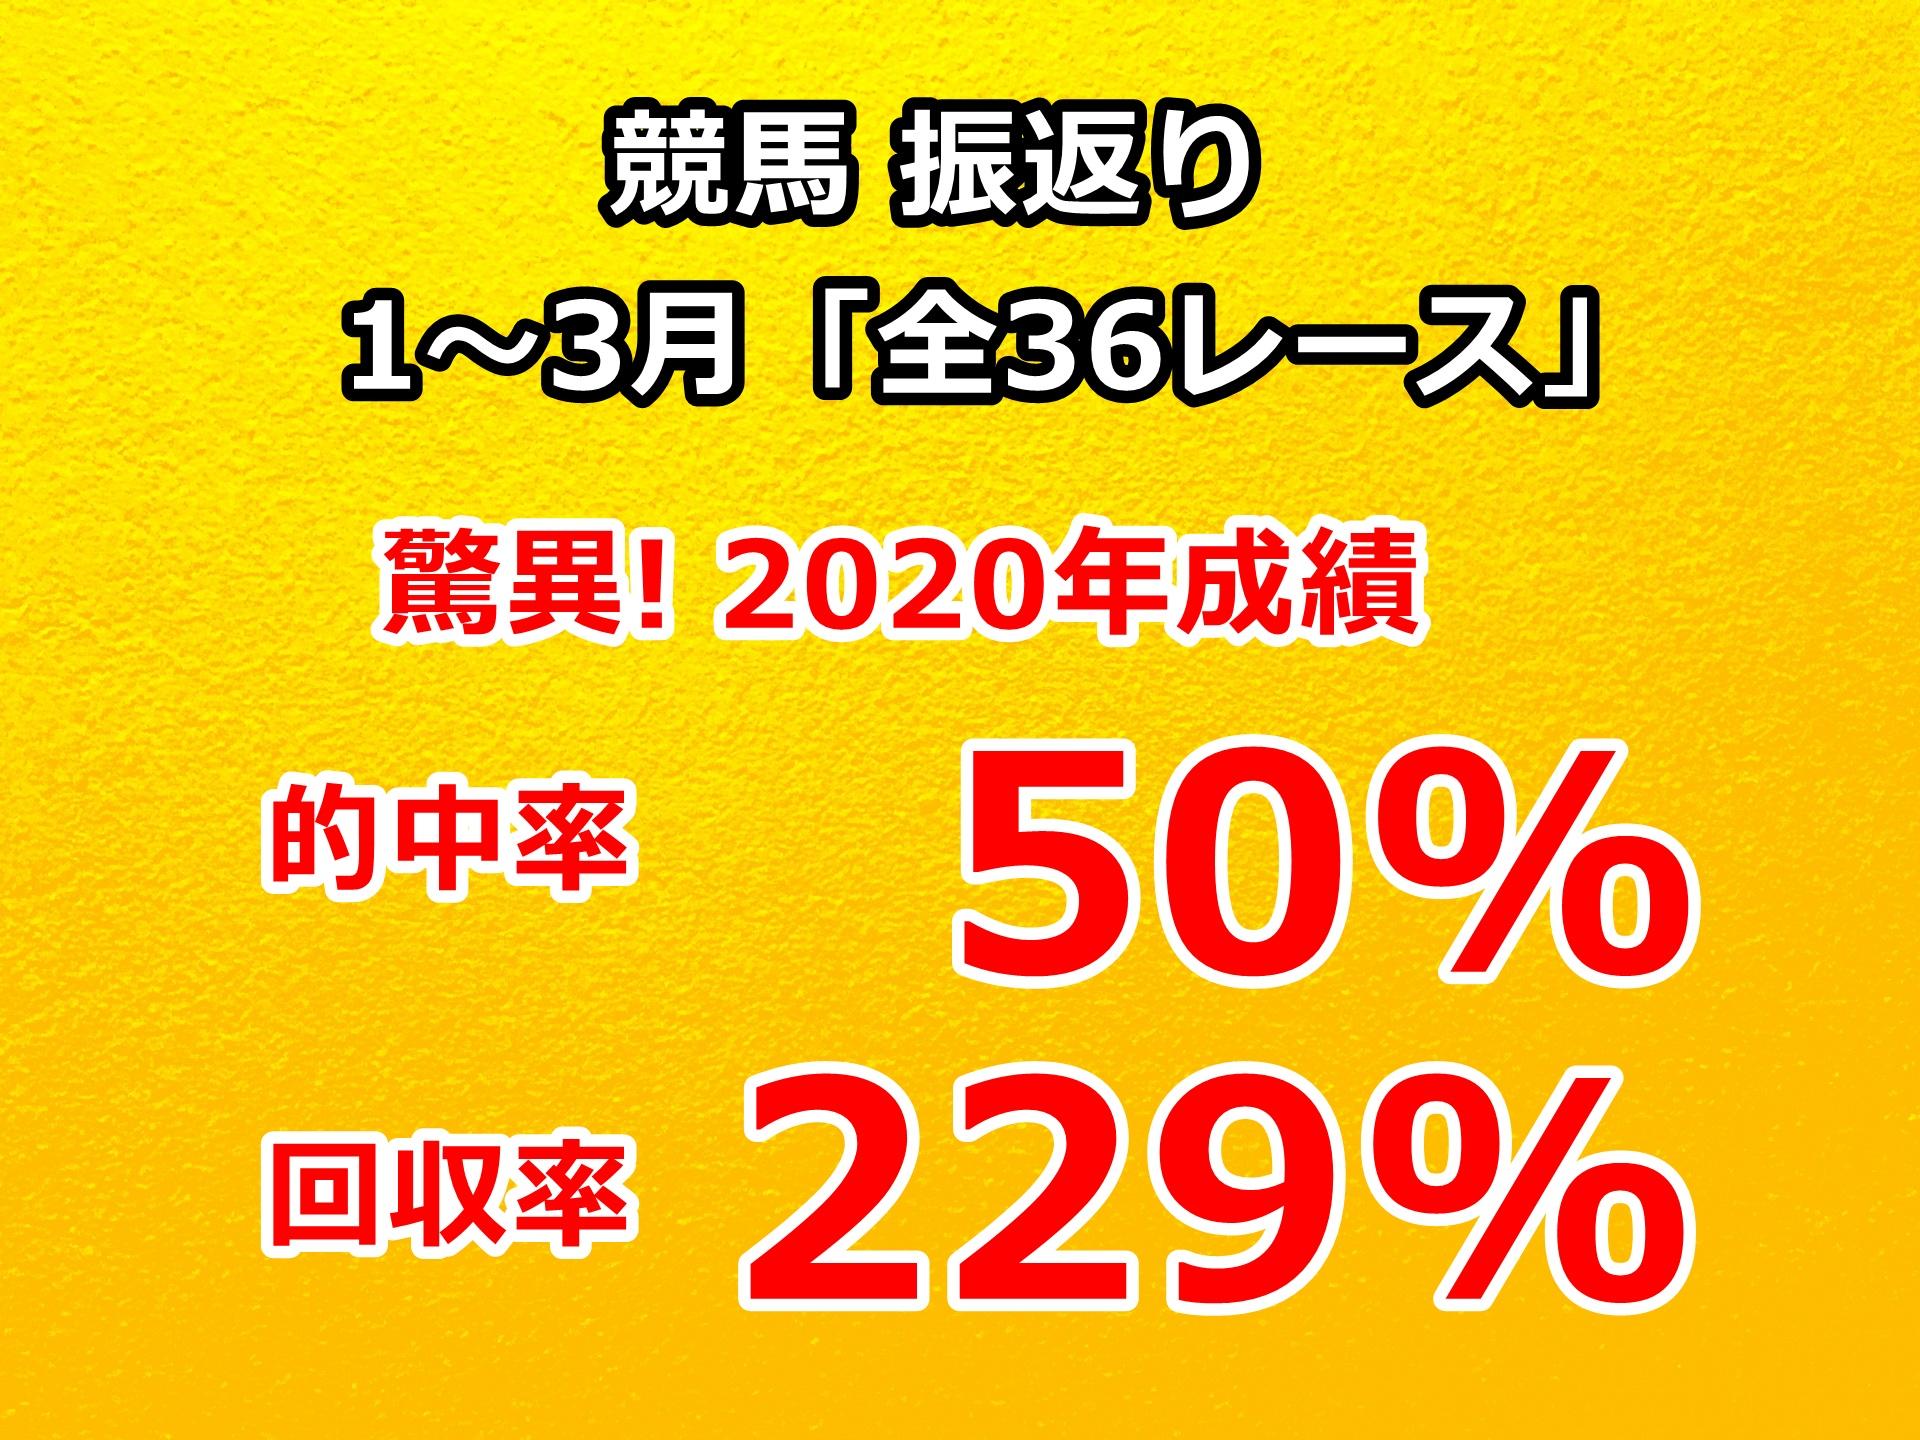 競馬2020 全36レース 振返り【驚異! 年間的中率50% 回収率229%】